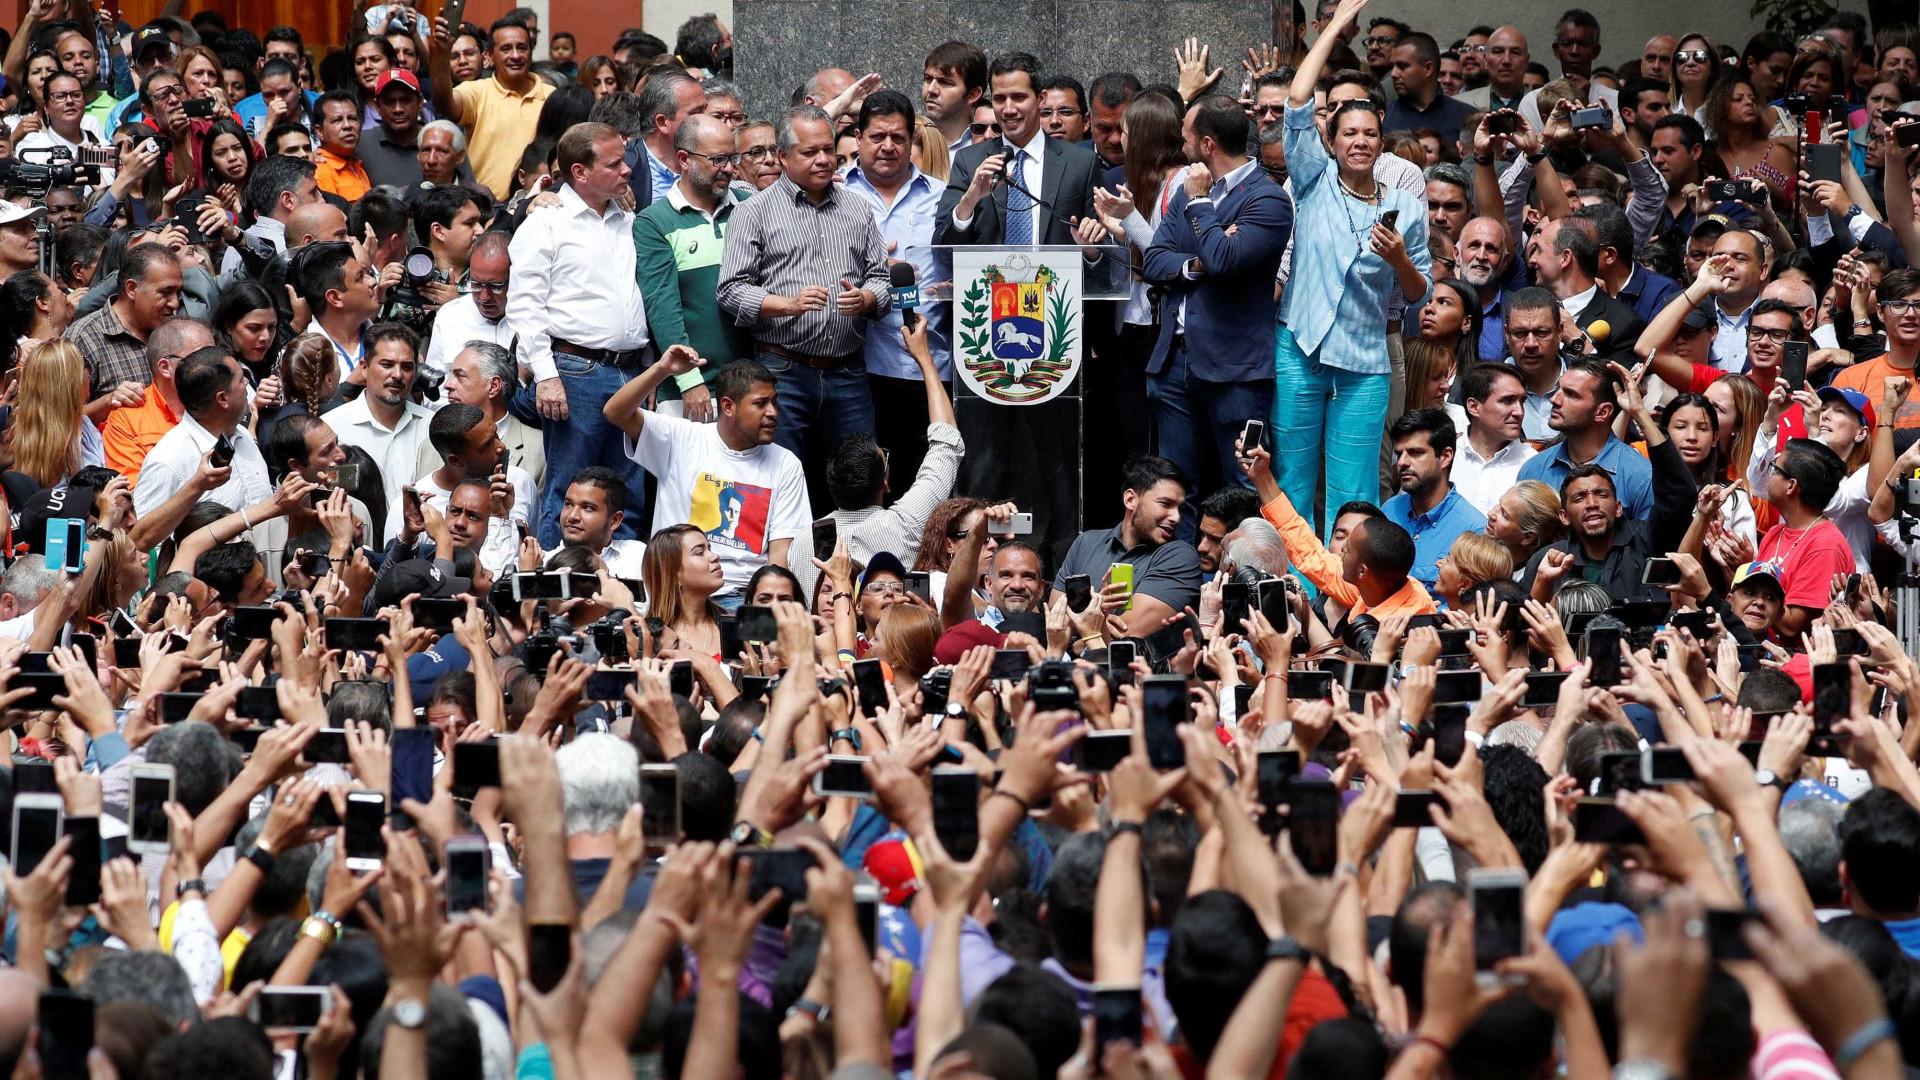 Líder oposicionista aparece e pede que população siga nas rua